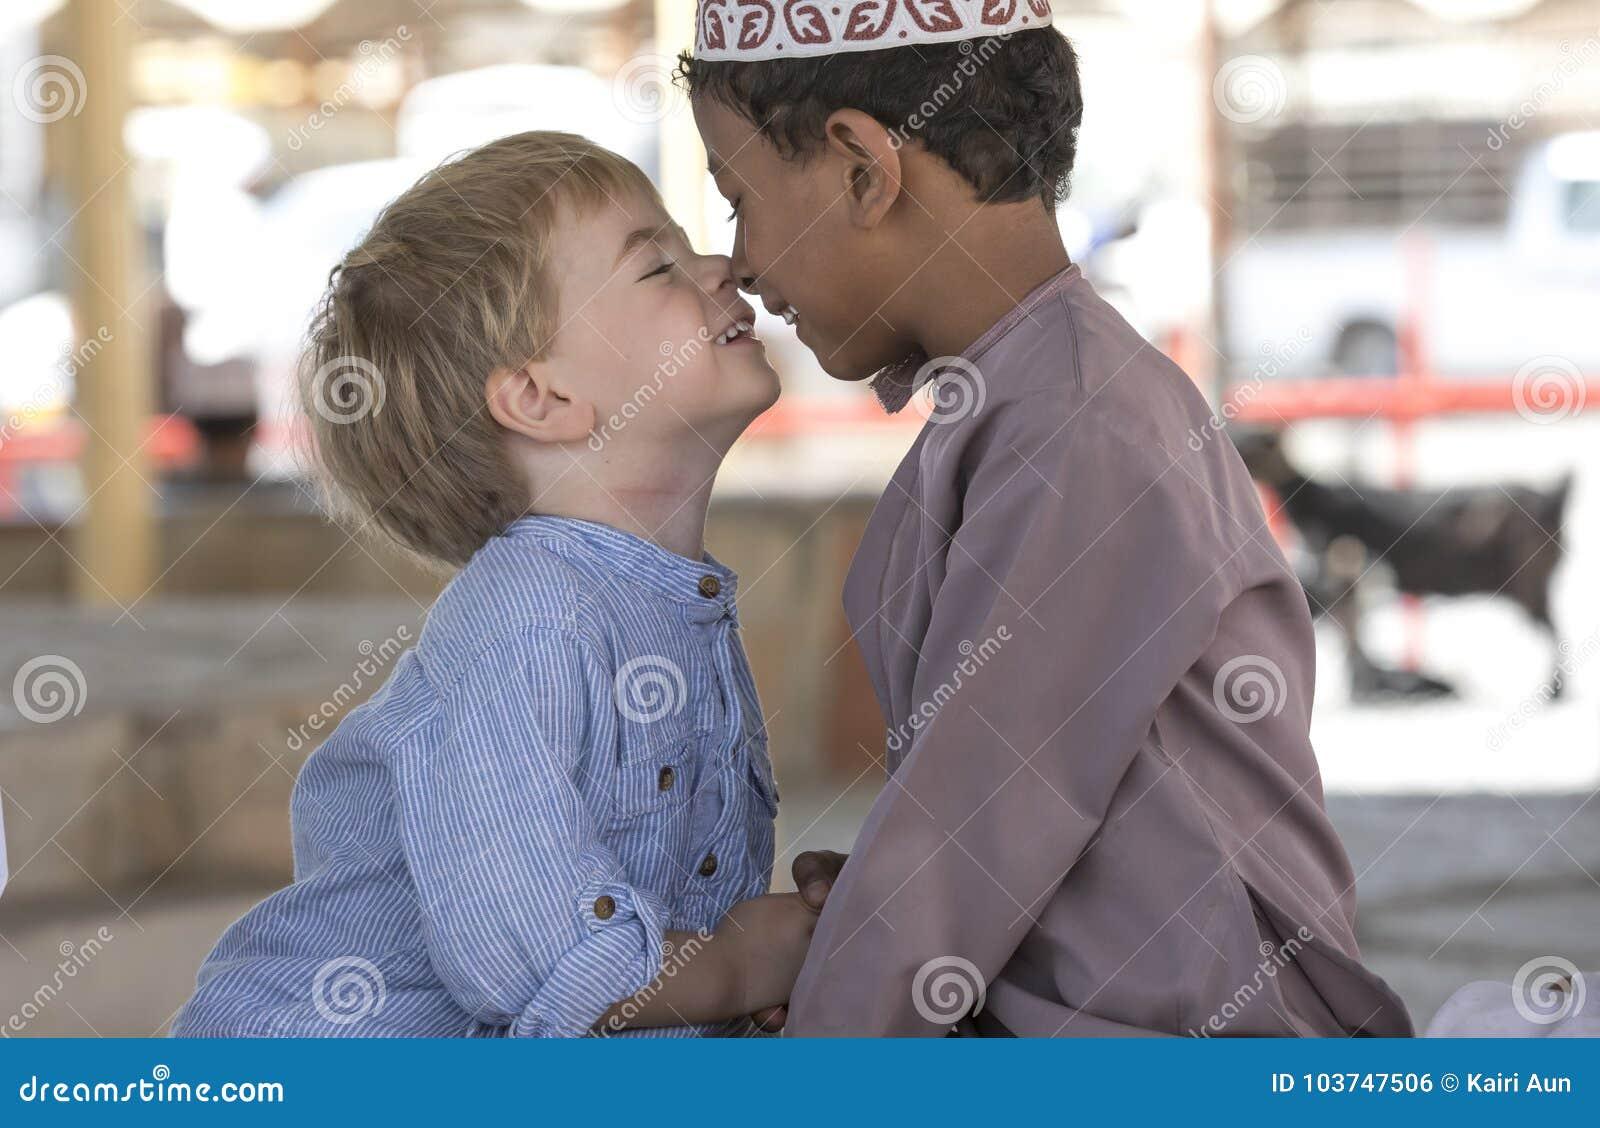 Menino omanense que faz frineds com menino europeu